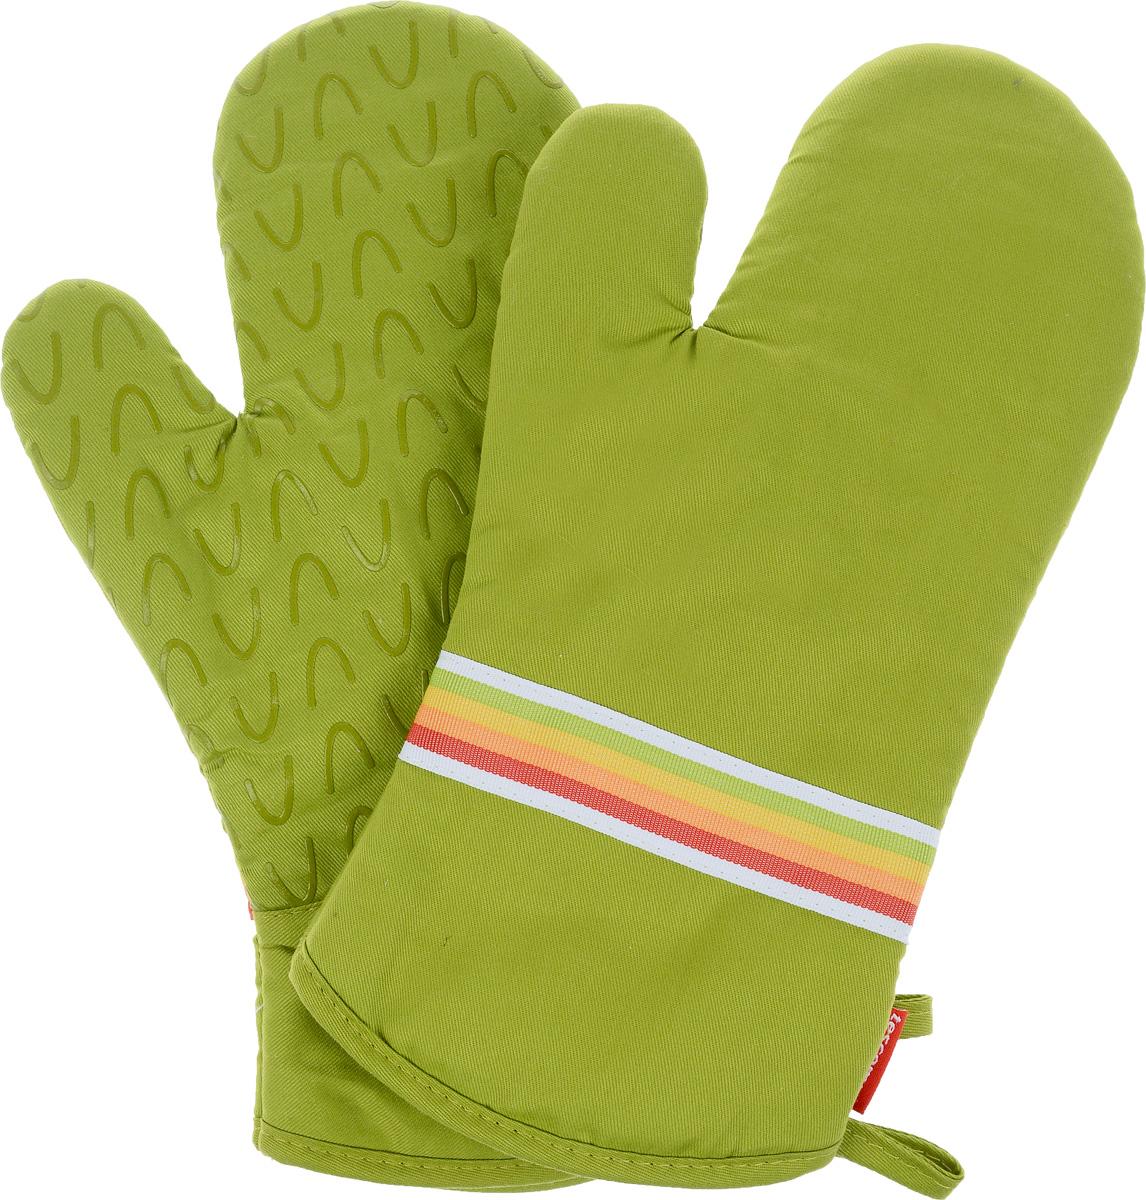 Рукавица-прихватка Tescoma Presto Tone, цвет: зеленый, 33 х 18 см, 2 шт639751_зеленыйРукавица-прихватка Tescoma Presto Tone, изготовленная из 100% хлопка и термостойкого силикона, имеет яркий дизайн. Для простоты и удобства хранения, изделие оснащено петелькой для подвешивания и магнитом. Такая прихватка защитит ваши руки от высоких температур и предотвратит появление ожогов. Рекомендуется стирка при температуре 30°С. Размер изделия (ДхШ): 33 х 18 см. Комплектация: 2 шт.